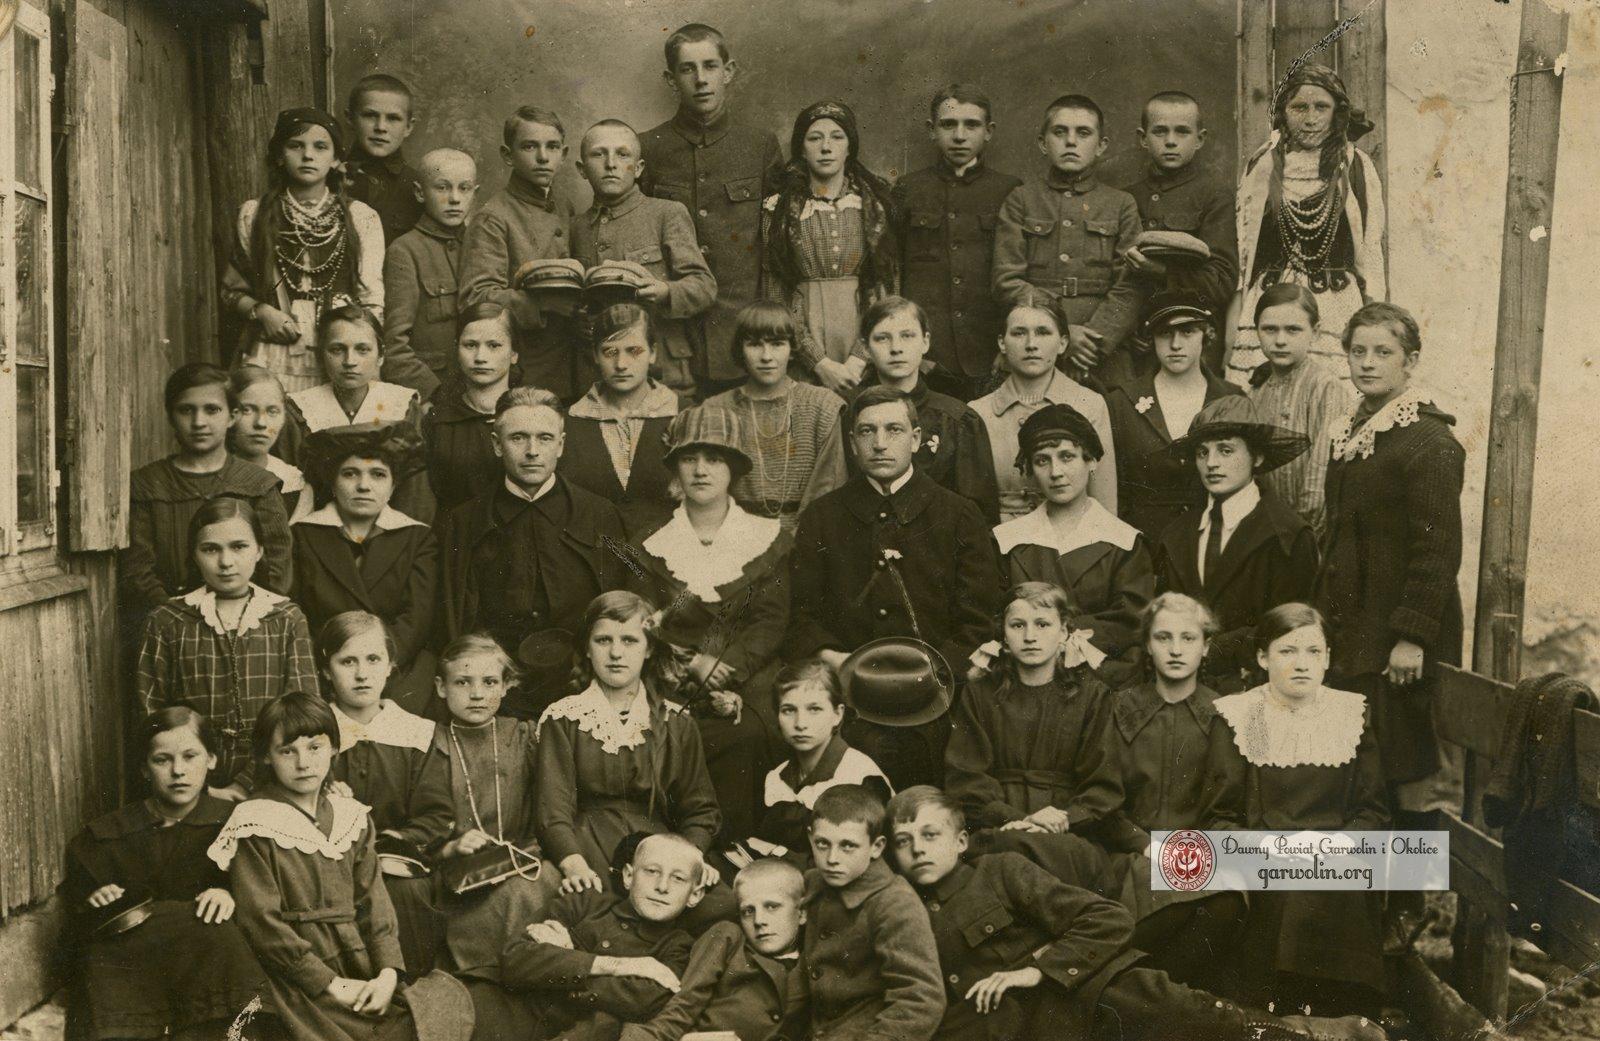 Szkoła Powszechna w Garwolinie 1920-1921